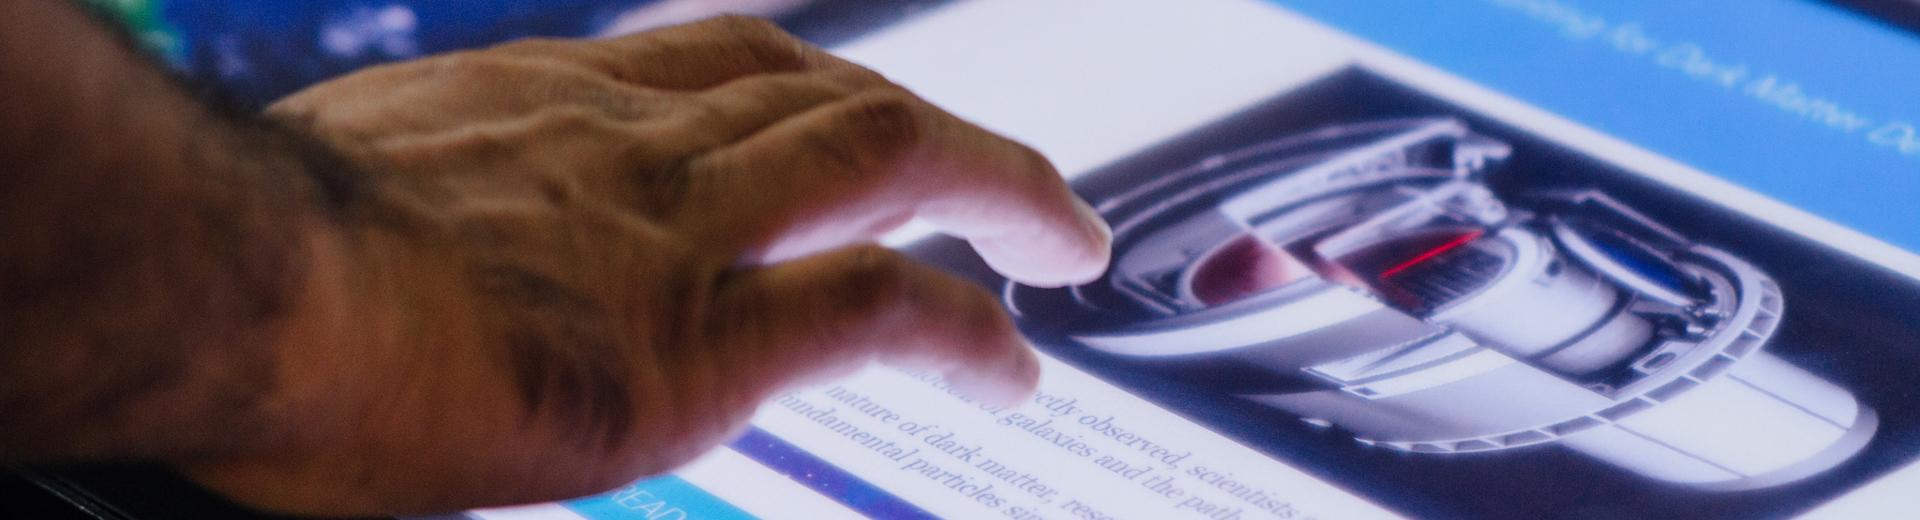 Présentation tactile multitouch interactive entreprise produits et services